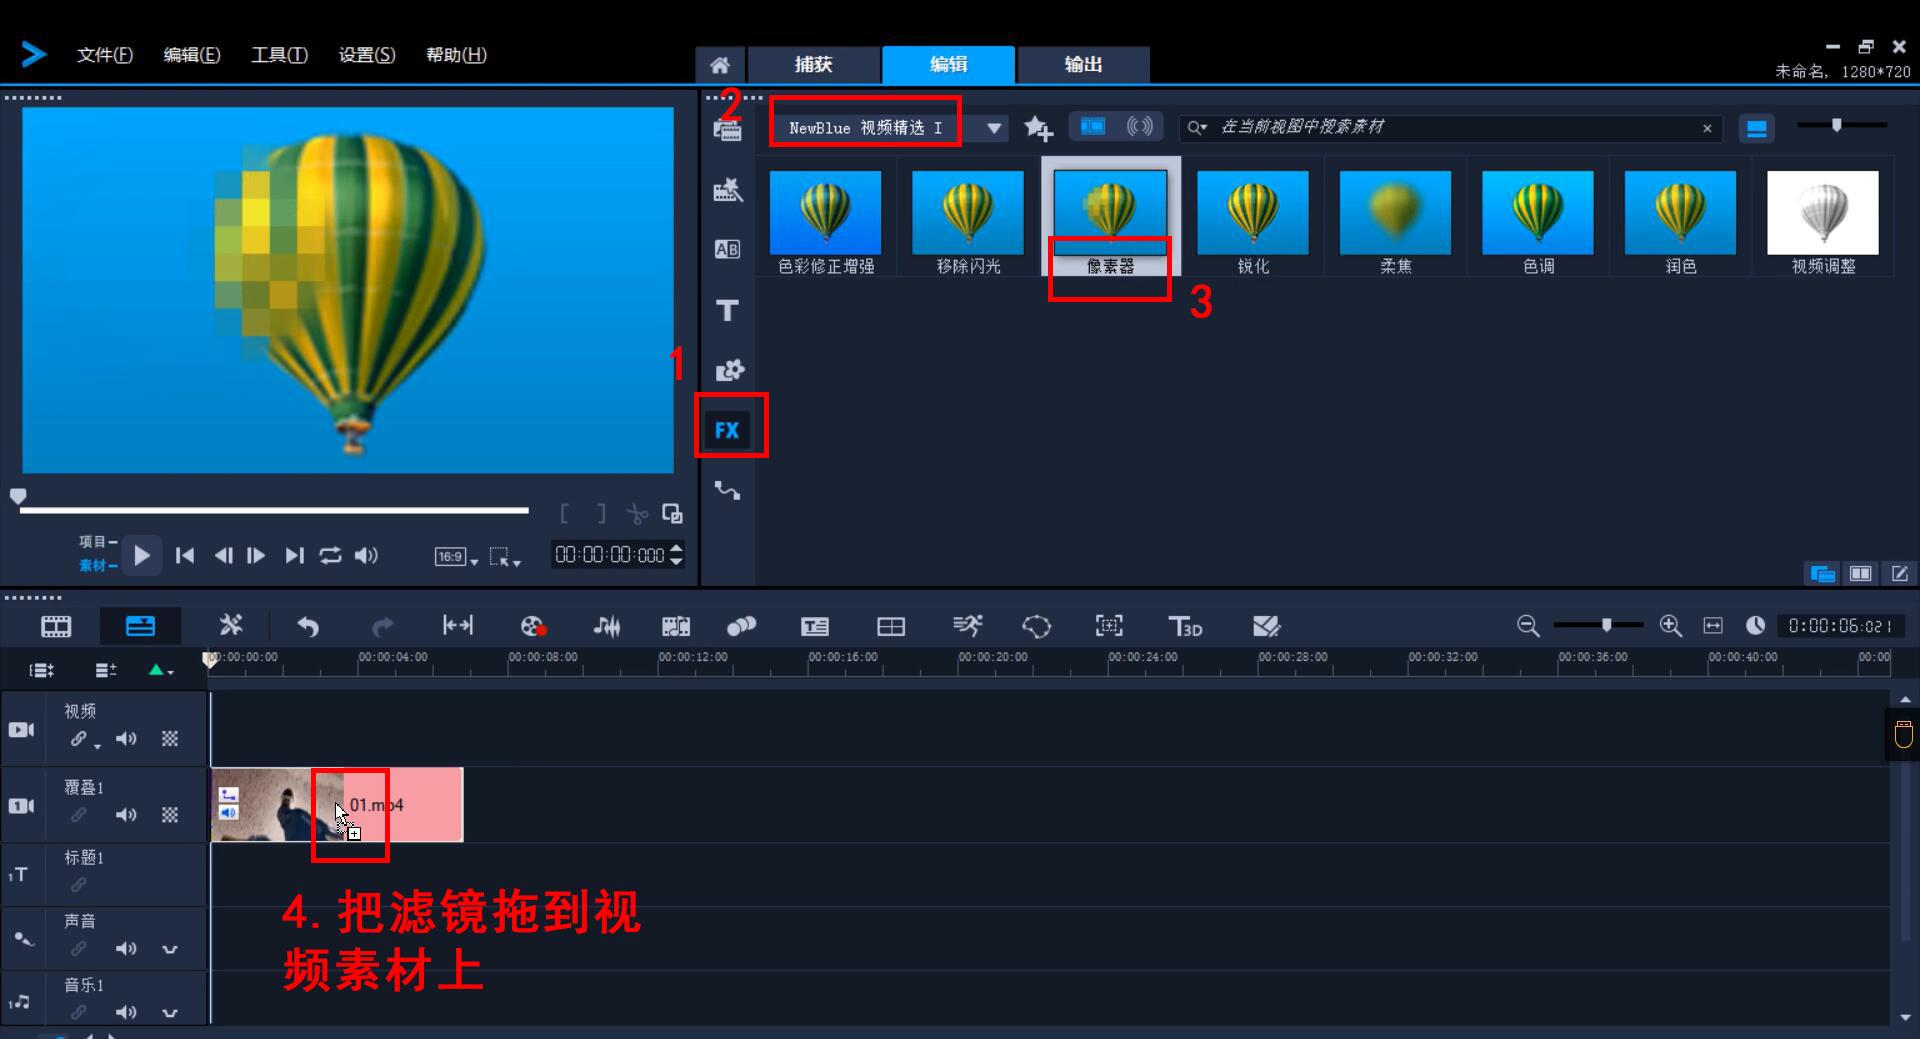 """为覆叠1轨道上的视频素材添加""""像素器""""滤镜"""